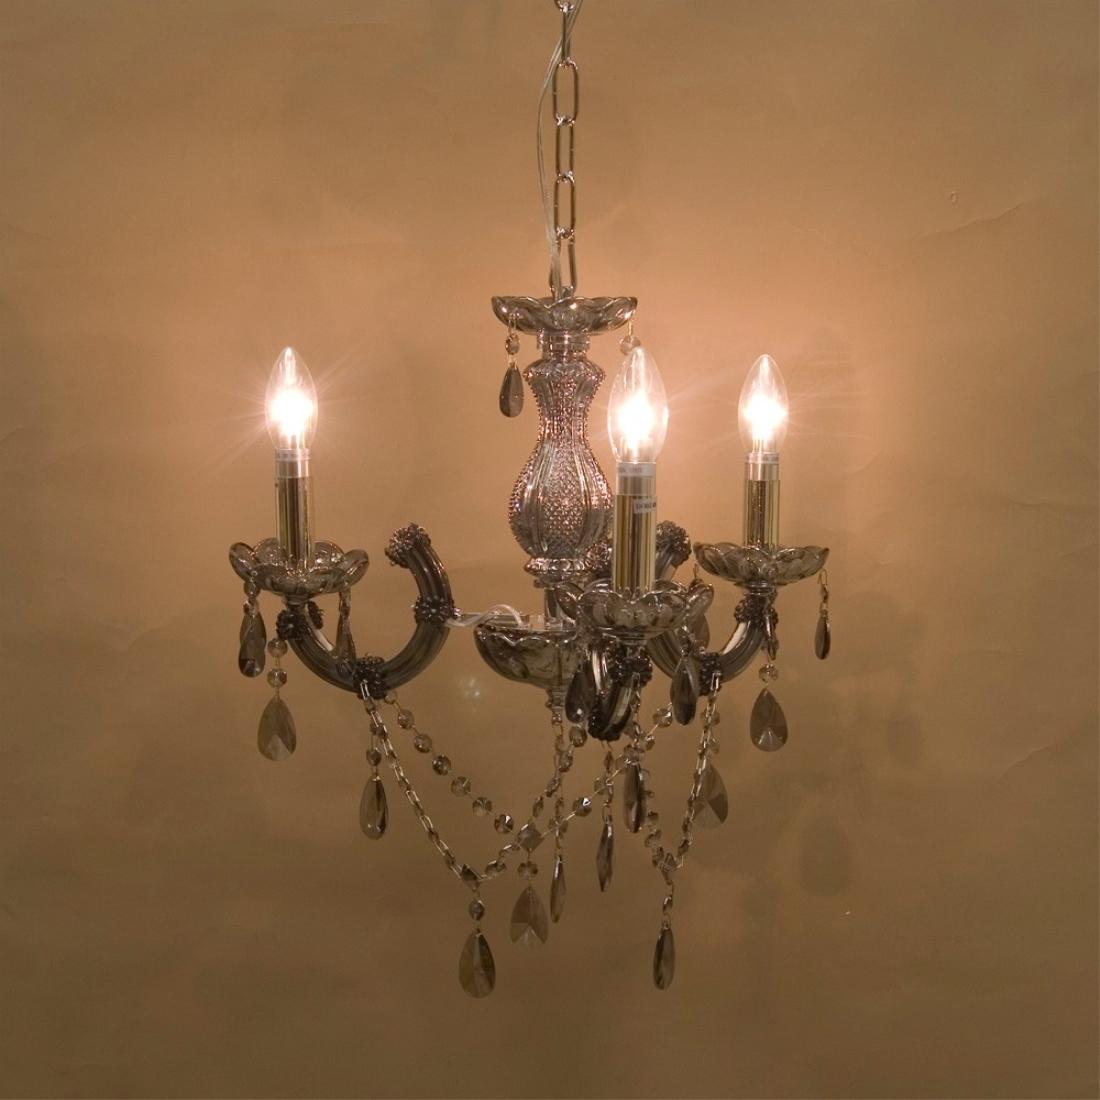 部屋 模様替え 洋風 クリスタルガラスシャンデリア[Trinity ブラック]LED対応<E12/水雷型>